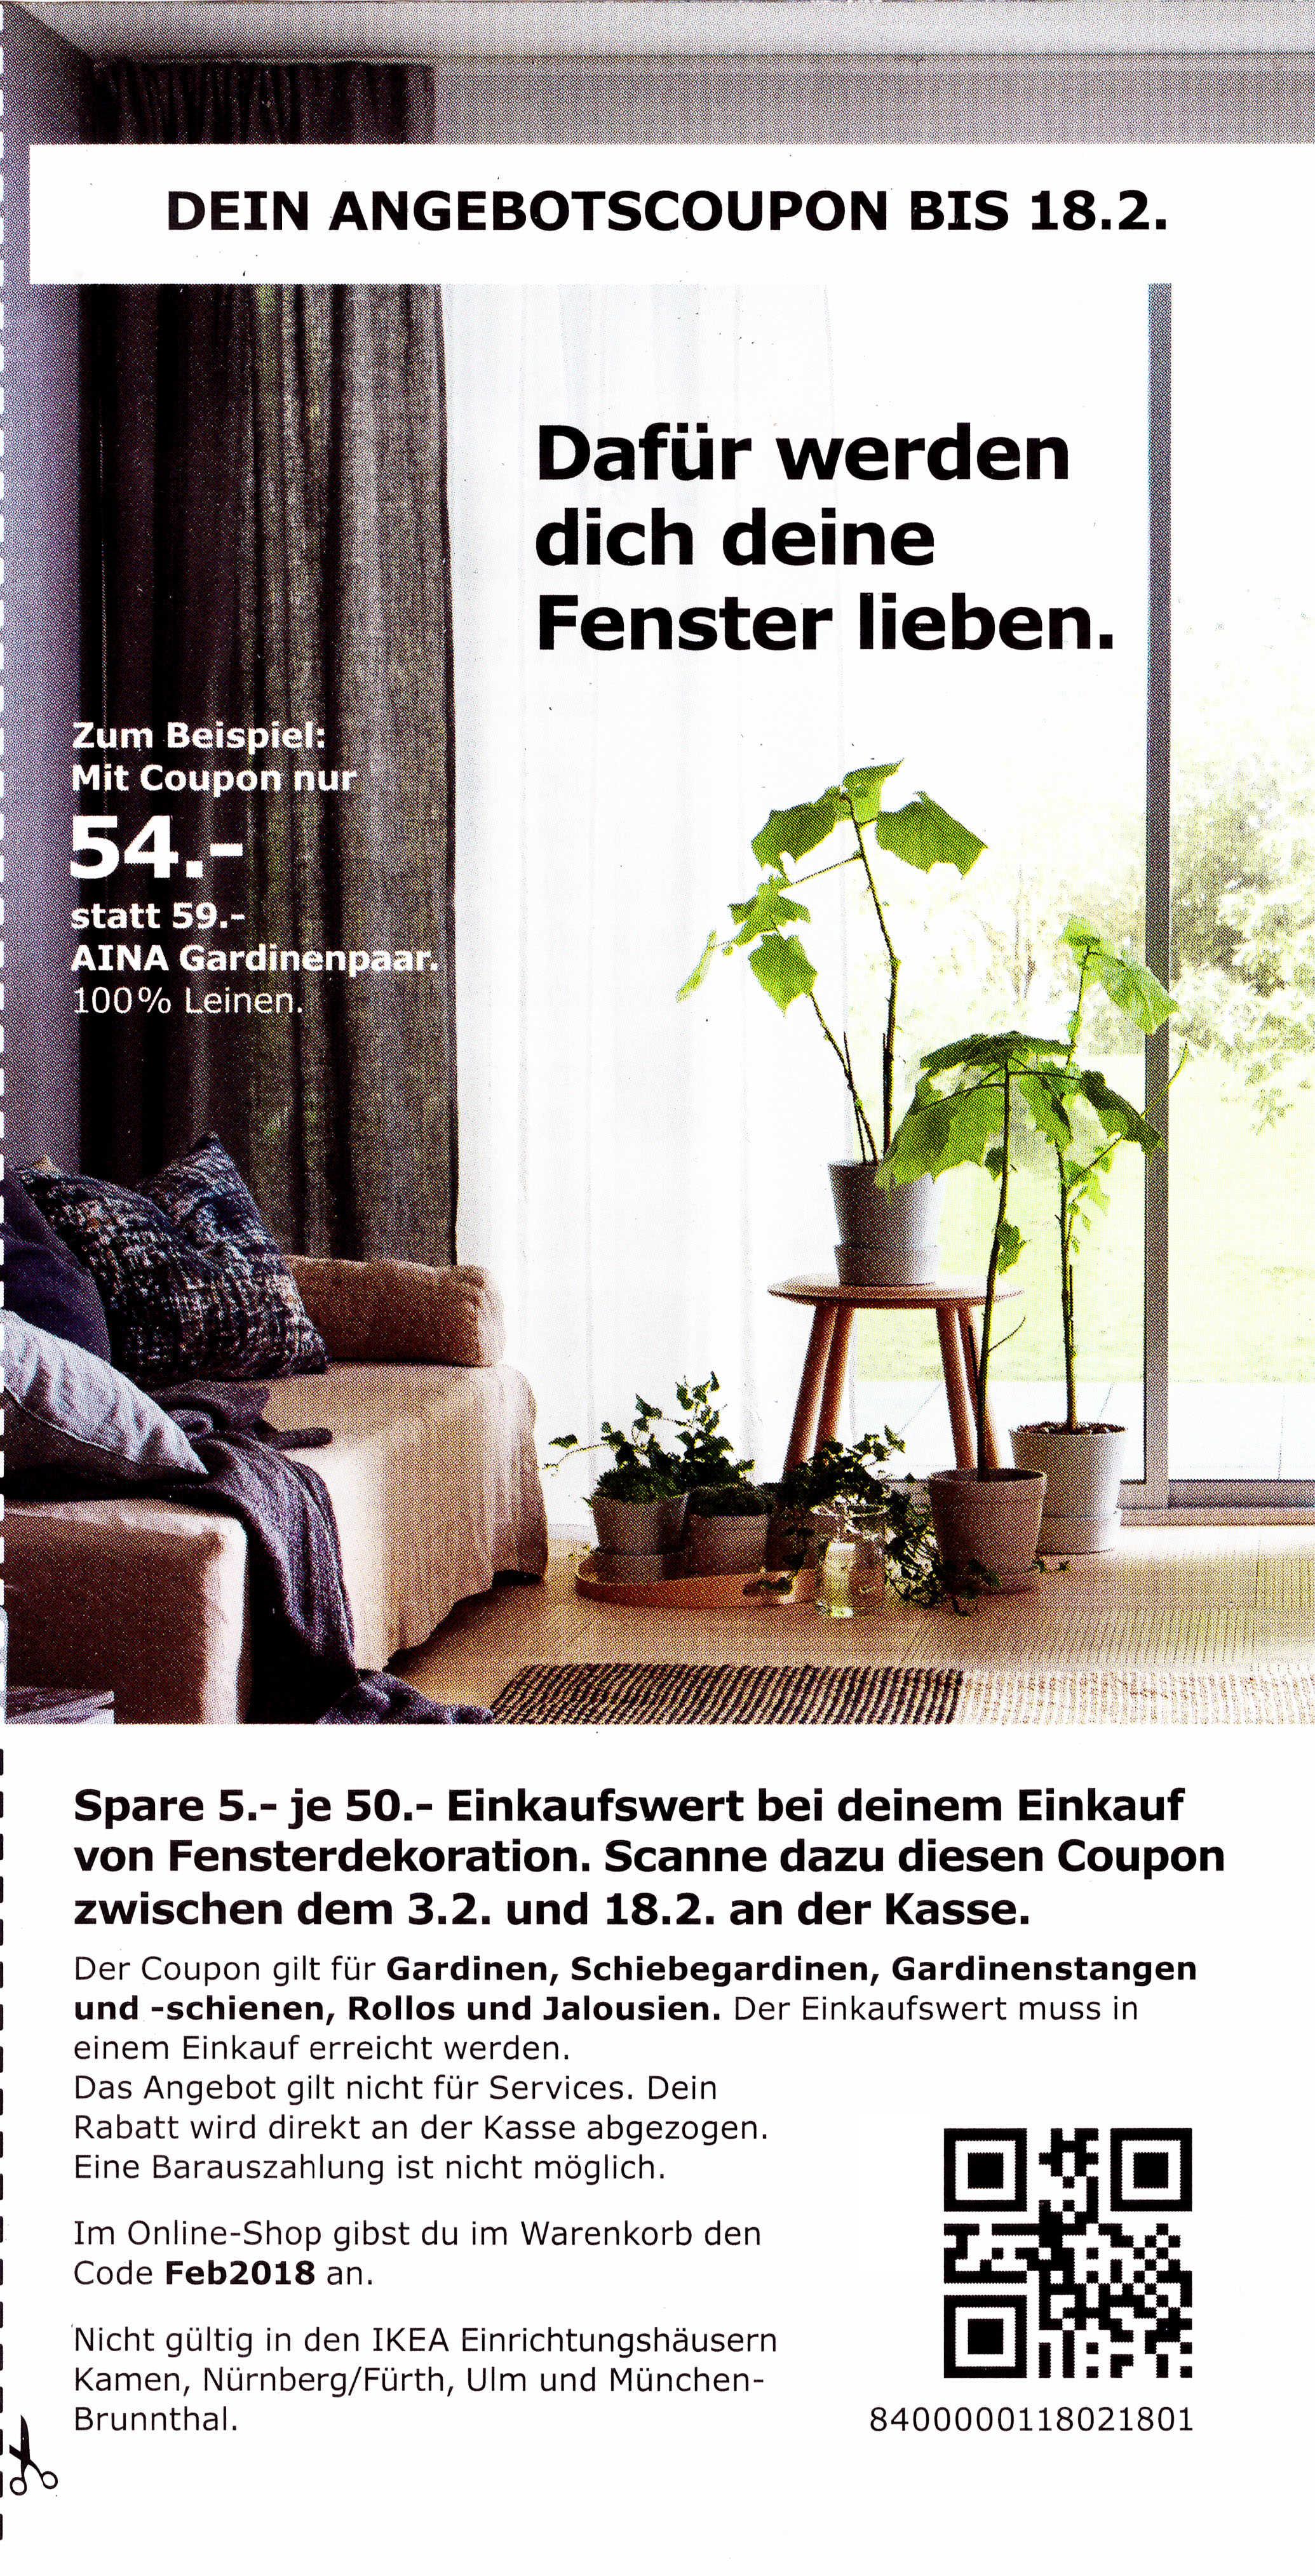 5 coupon ikea f r gardinen vorh nge mbw 50 schn ppchen blog mit doktortitel dealdoktor. Black Bedroom Furniture Sets. Home Design Ideas